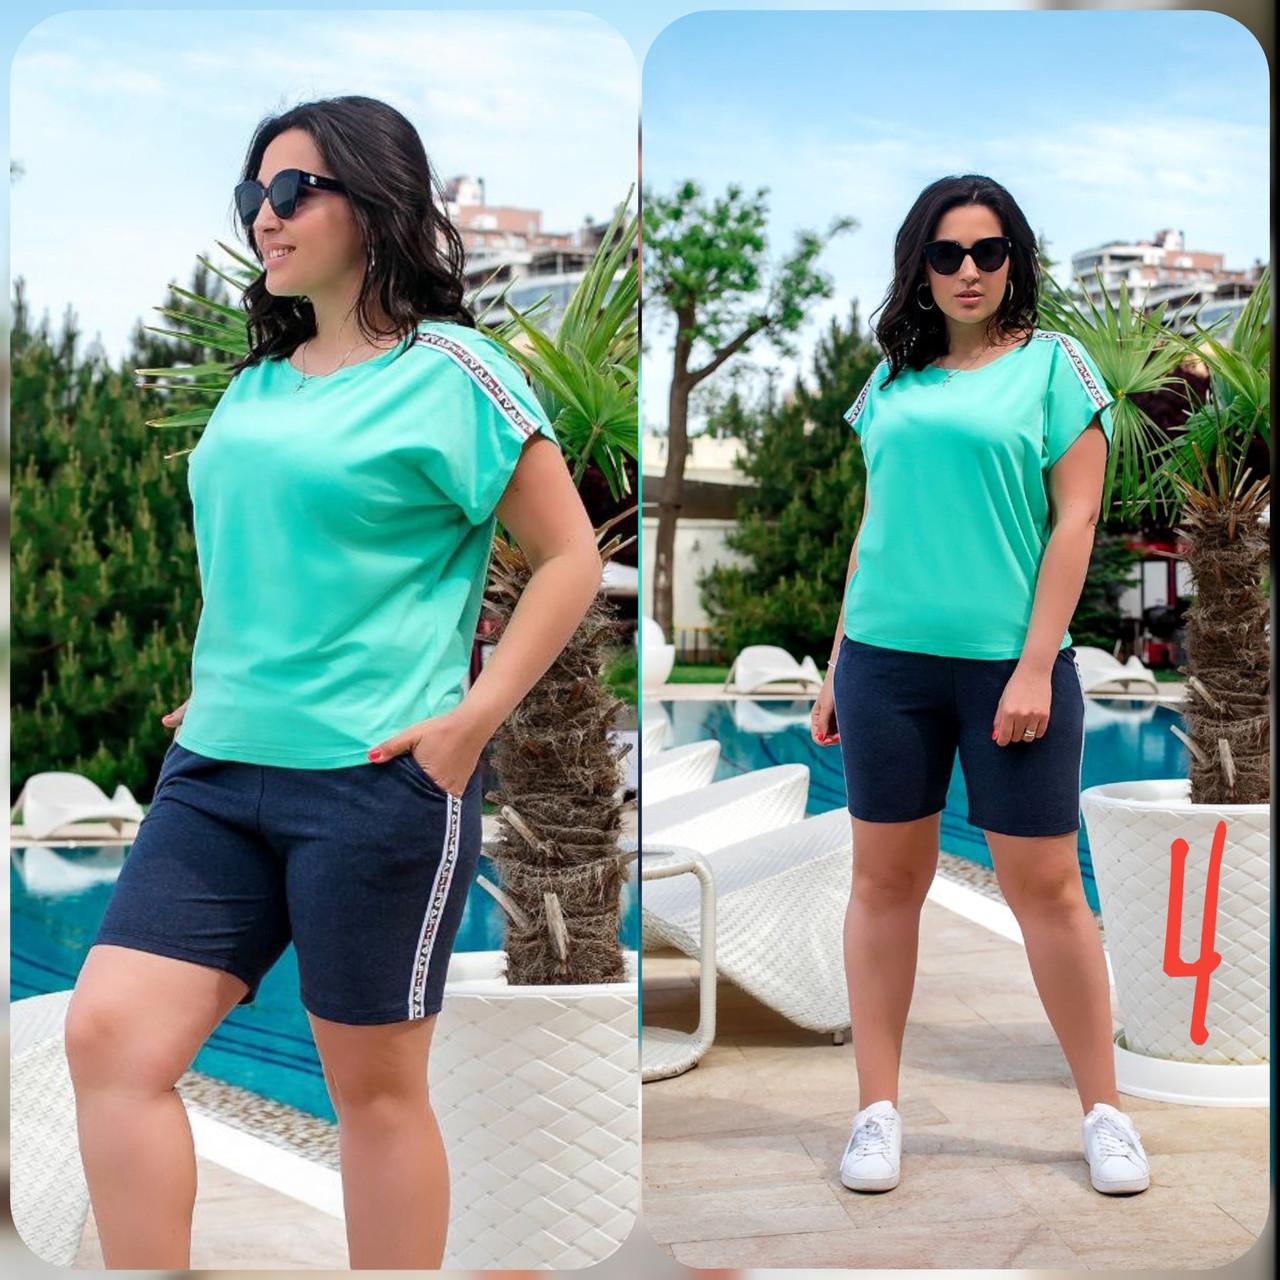 Женский костюм летний футболка с шортами большого размера (Батал). Летний костюм с шортами большого размера. Женский летний костюм большого размера